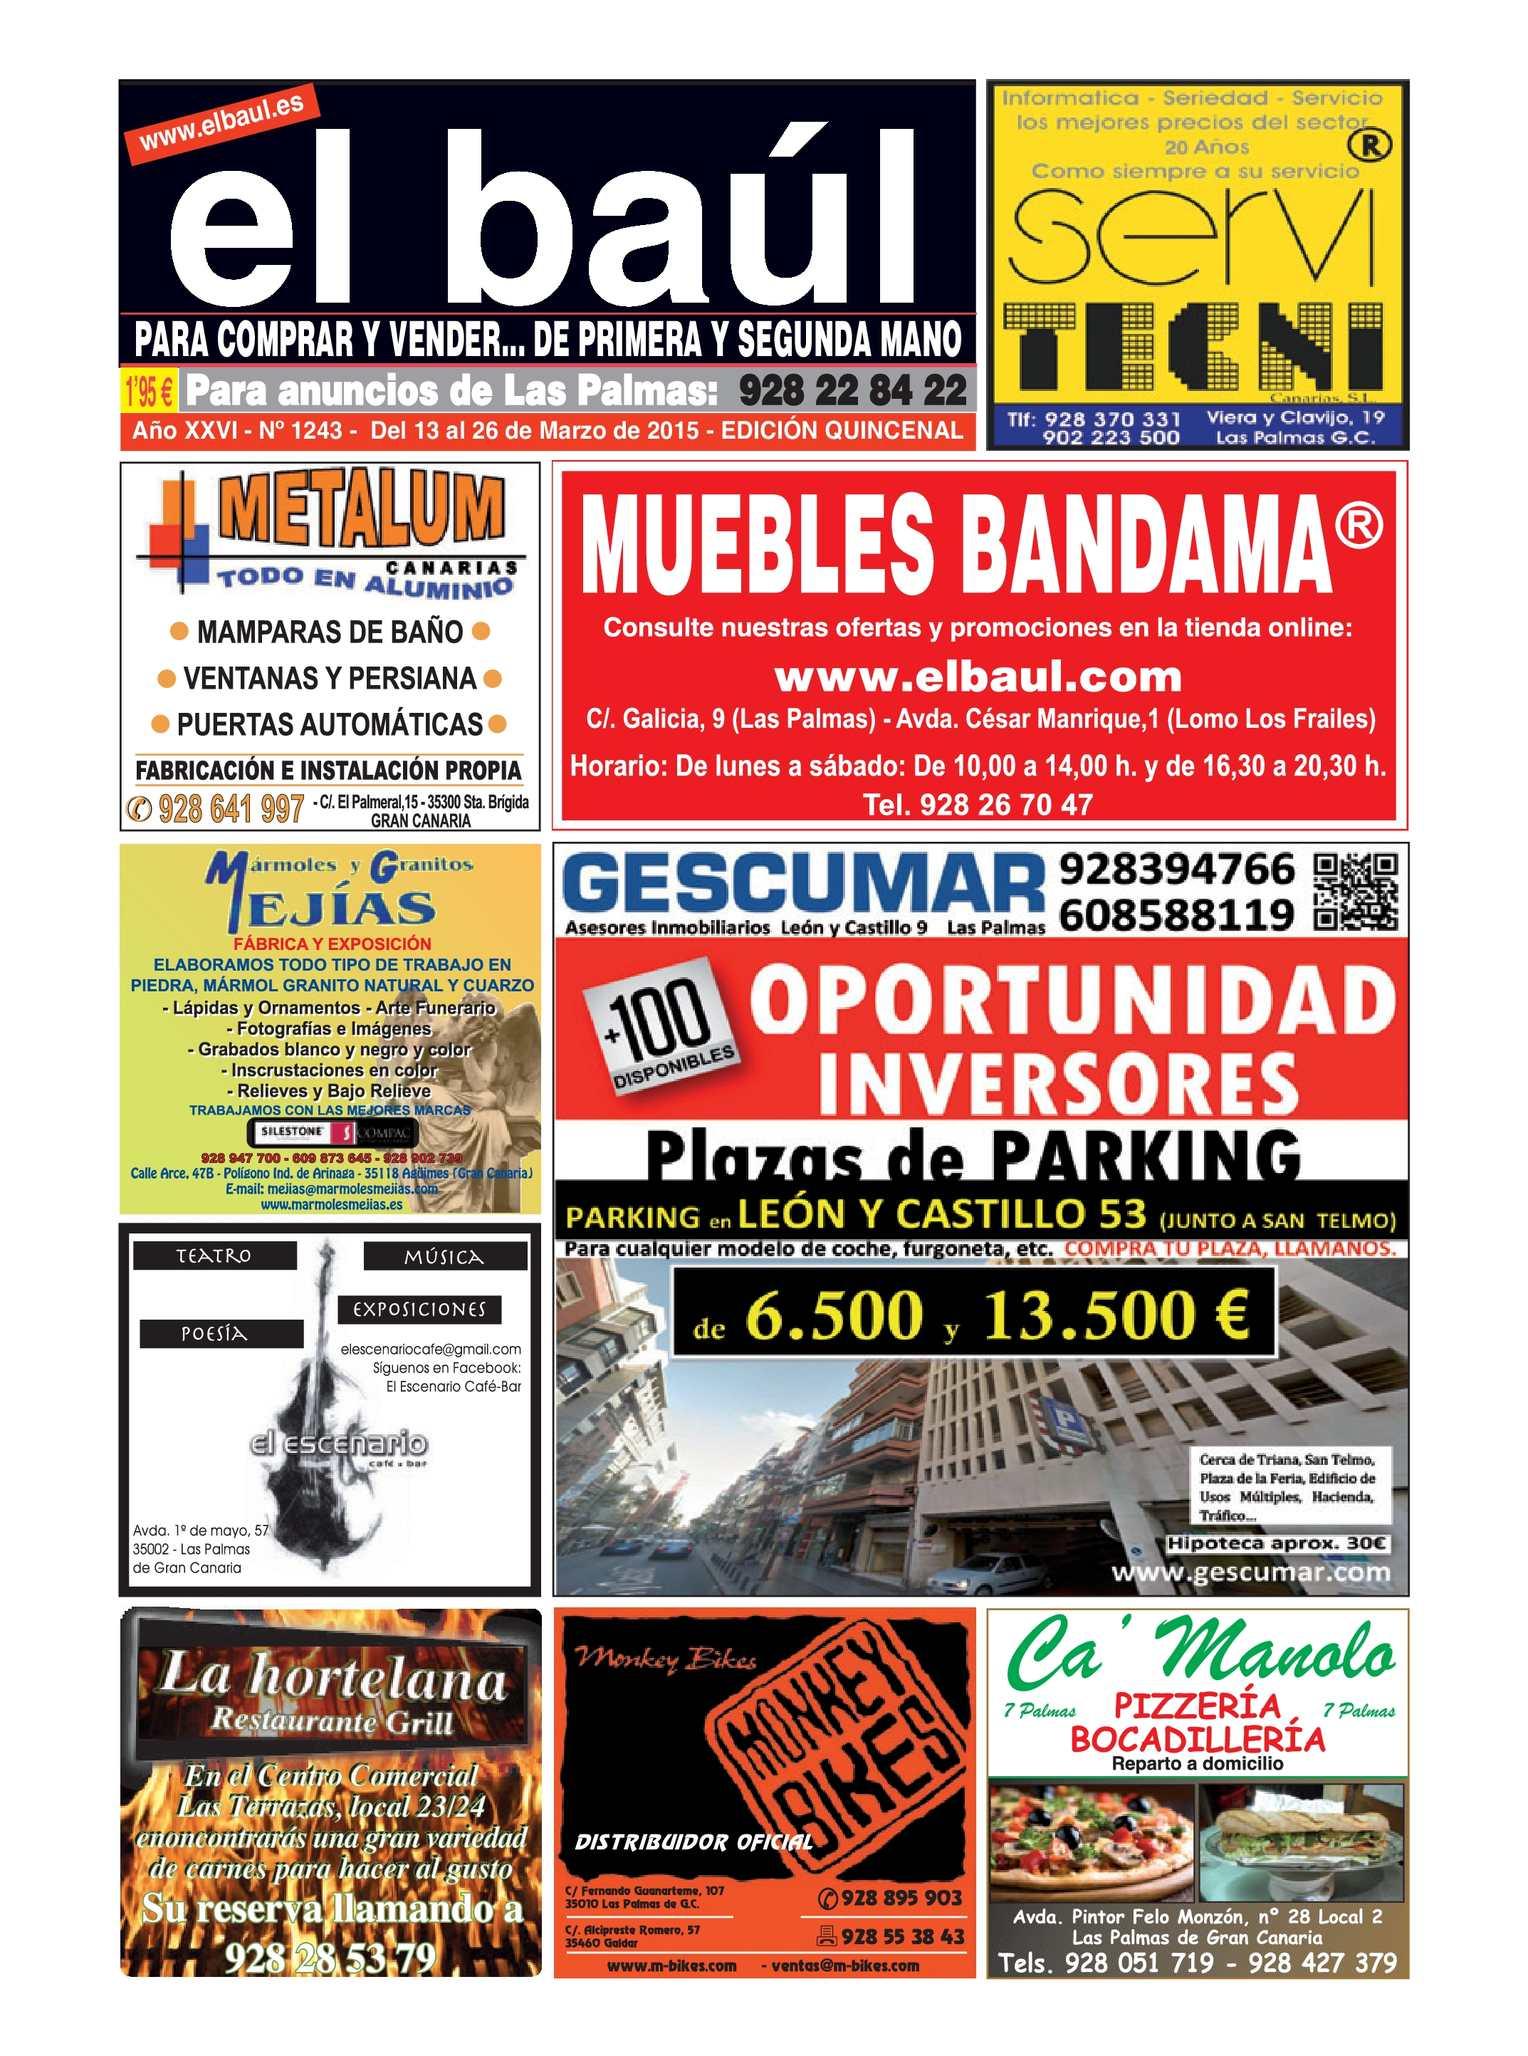 Calaméo - Periódico El Baúl - Las Palmas - Edición 1243 623266b8c959